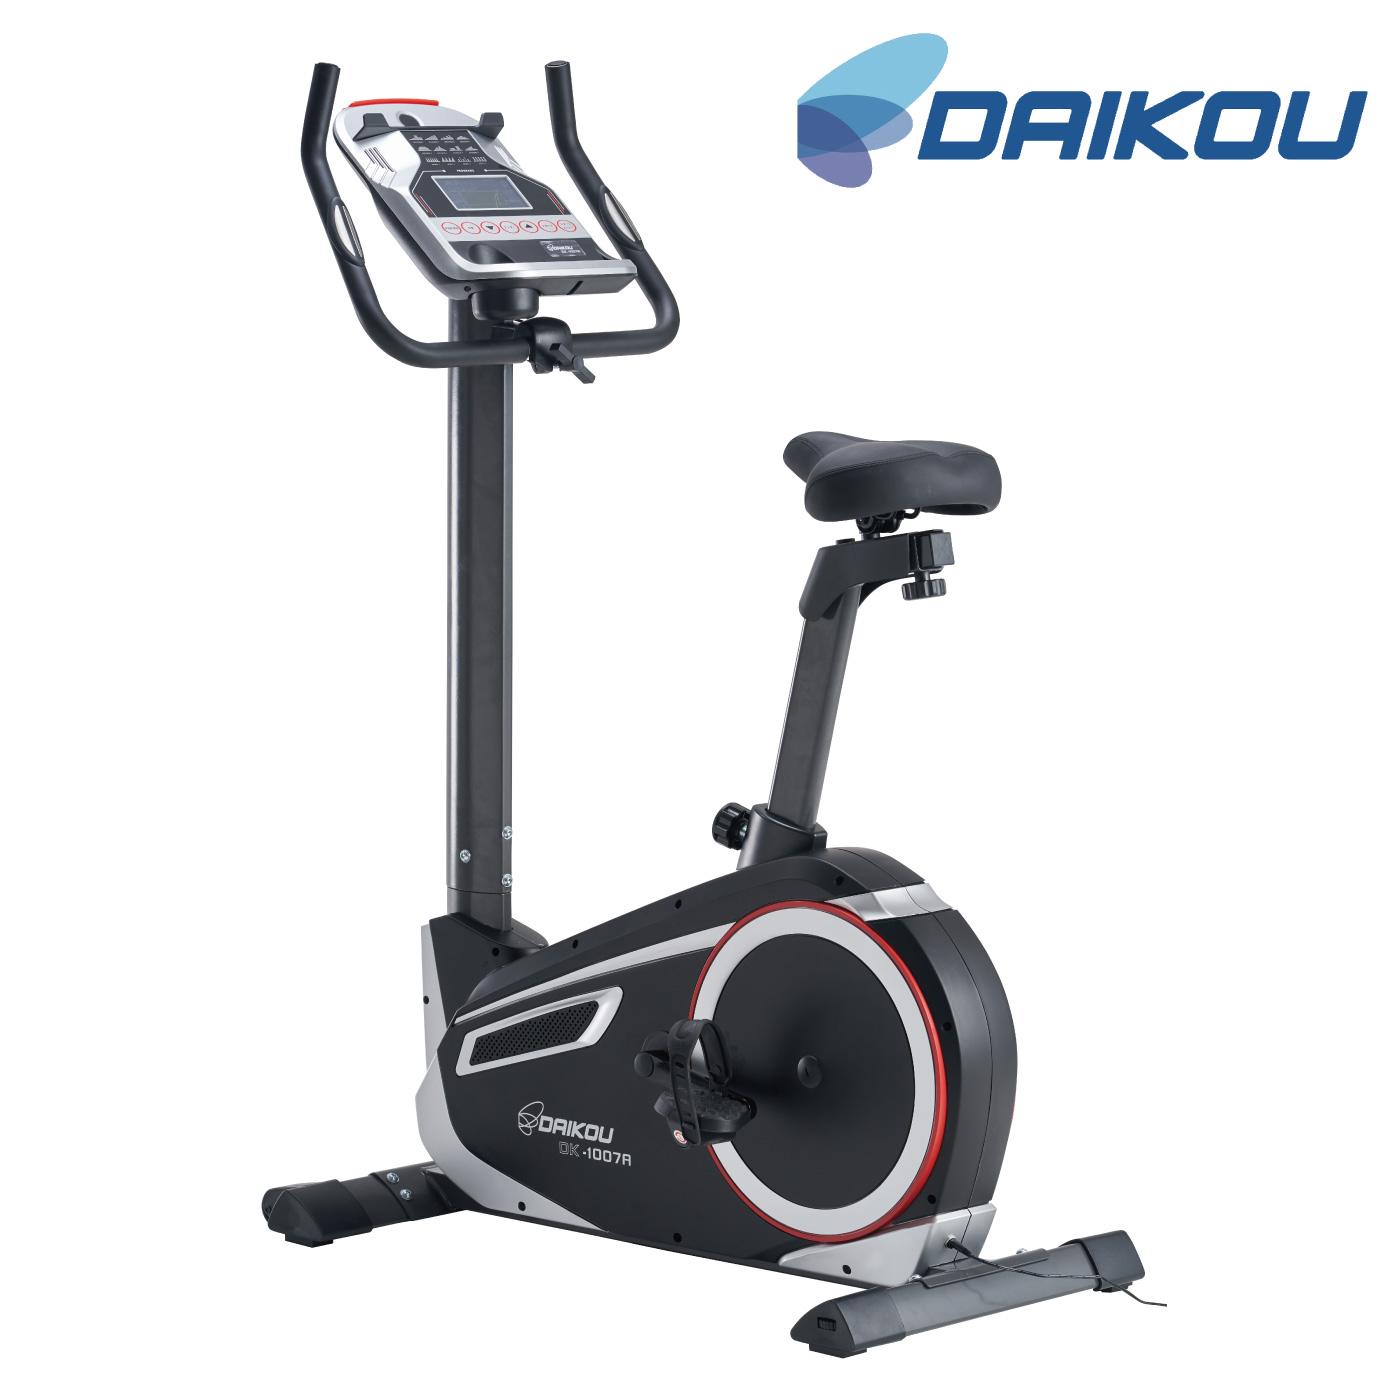 DK-1007A/準業務用アップライトバイク《DAIKOU(ダイコー)》